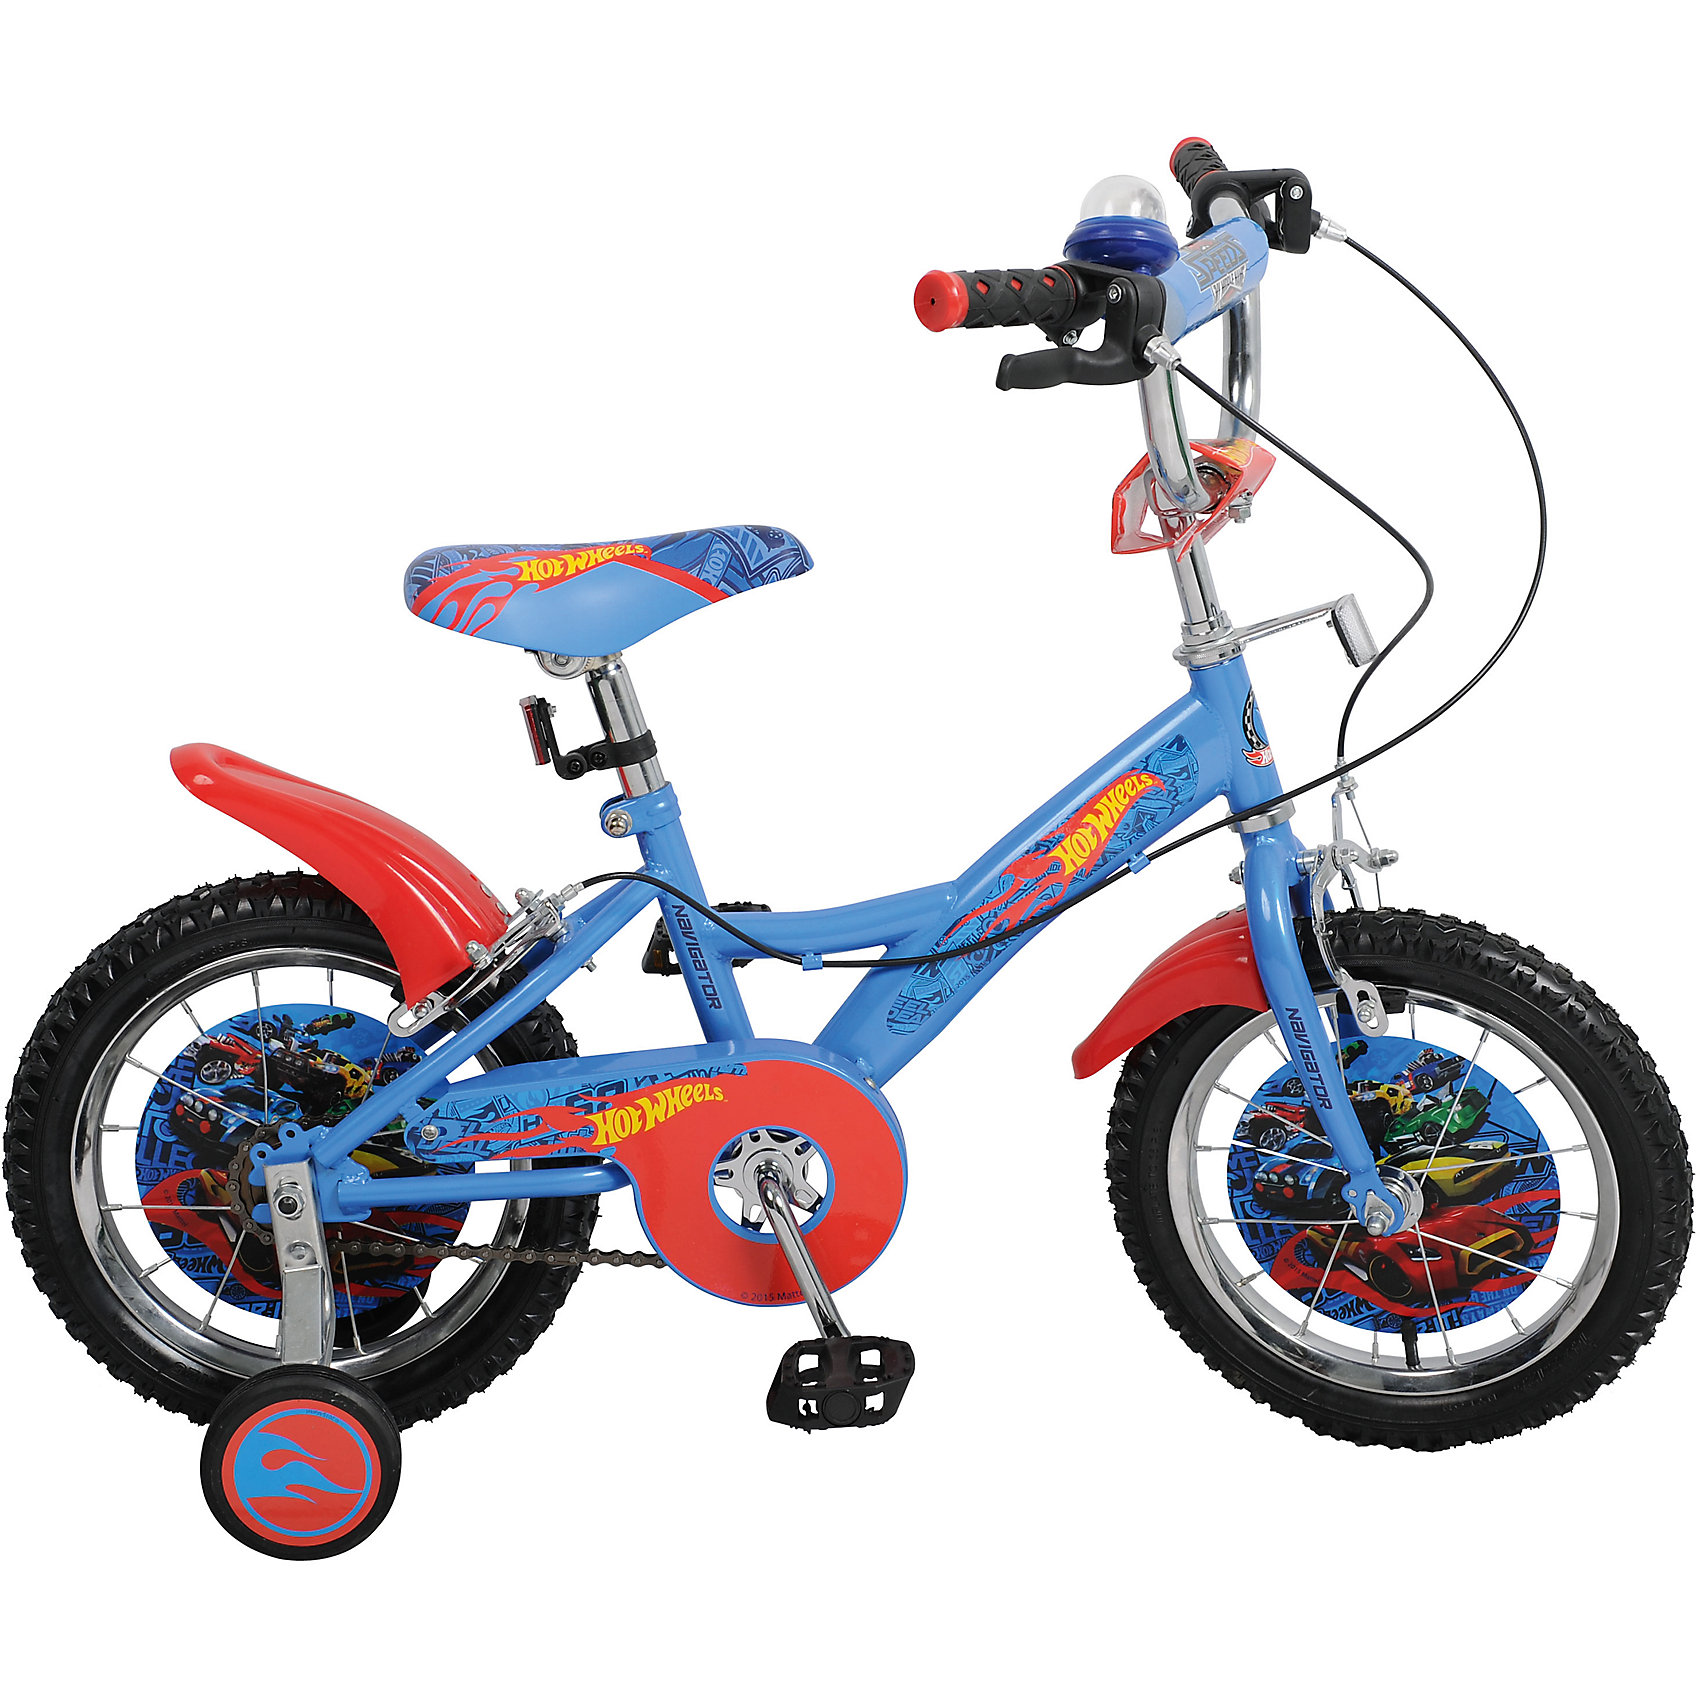 Двухколесный велосипед KITE, Hot Wheel, TopGearХарактеристики товара:<br><br>• материал: металл, полимер<br>• цвет: голубой<br>• диаметр колес: 14 дюймов<br>• дополнительные страховочные колеса<br>• удобный руль <br>• защитные крылья<br>• защита цепи<br>• стальная прочная рама<br>• регулировка сиденья по высоте<br>• багажник<br>• мягкое удобное сиденье<br>• светоотражающие элементы<br>• педали с рифленой поверхностью<br>• принт<br>• рост: до 125 см<br>• надежные материалы<br>• бутиловые шины хорошо удерживают воздух <br>• продуманная конструкция<br>• яркий цвет<br>• возраст: от 3 лет<br>• ручные тормоза<br>• вес: 9 кг<br><br>Подарить малышу такой велосипед - значит, помочь развитию ребенка. Он способствует скорейшему развитию способности ориентироваться в пространстве, развивает физические способности, мышление и ловкость. Помимо этого, кататься на нём - очень увлекательное занятие!<br><br>Этот велосипед разработан специально для детей. В комплект входят дополнительные страховочные колеса, которые можно снять, когда ребенок научится уверенно ездить. Данная модель выполнена в ярком дизайне, отличается продуманной конструкцией и деталями, которые обеспечивают безопасность ребенка. Отличный подарок для активного малыша!<br><br>Двухколесный велосипед KITE, Hot Wheel, TopGear от бренда Navigator можно купить в нашем интернет-магазине.<br><br>Ширина мм: 800<br>Глубина мм: 360<br>Высота мм: 170<br>Вес г: 9600<br>Возраст от месяцев: 48<br>Возраст до месяцев: 2147483647<br>Пол: Мужской<br>Возраст: Детский<br>SKU: 5440876